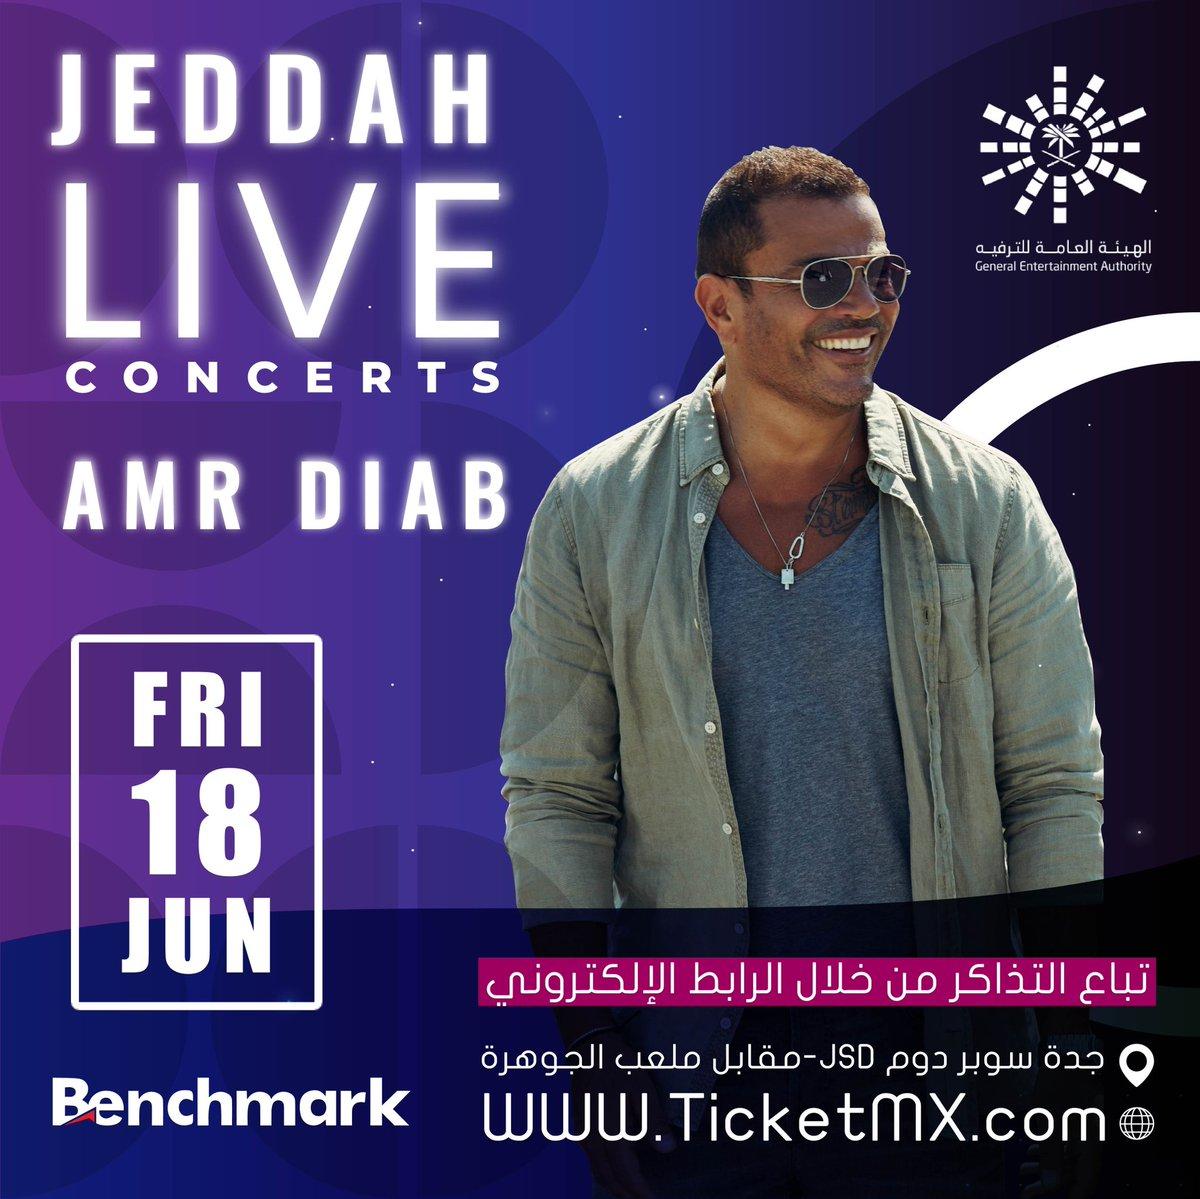 حفلة #عمرو_دياب_في_جدة يوم الجمعة ١٨ يونيو. التذاكر متاحة الان على    https://t.co/bnVbPX9bqA https://t.co/hQtop4ONnB